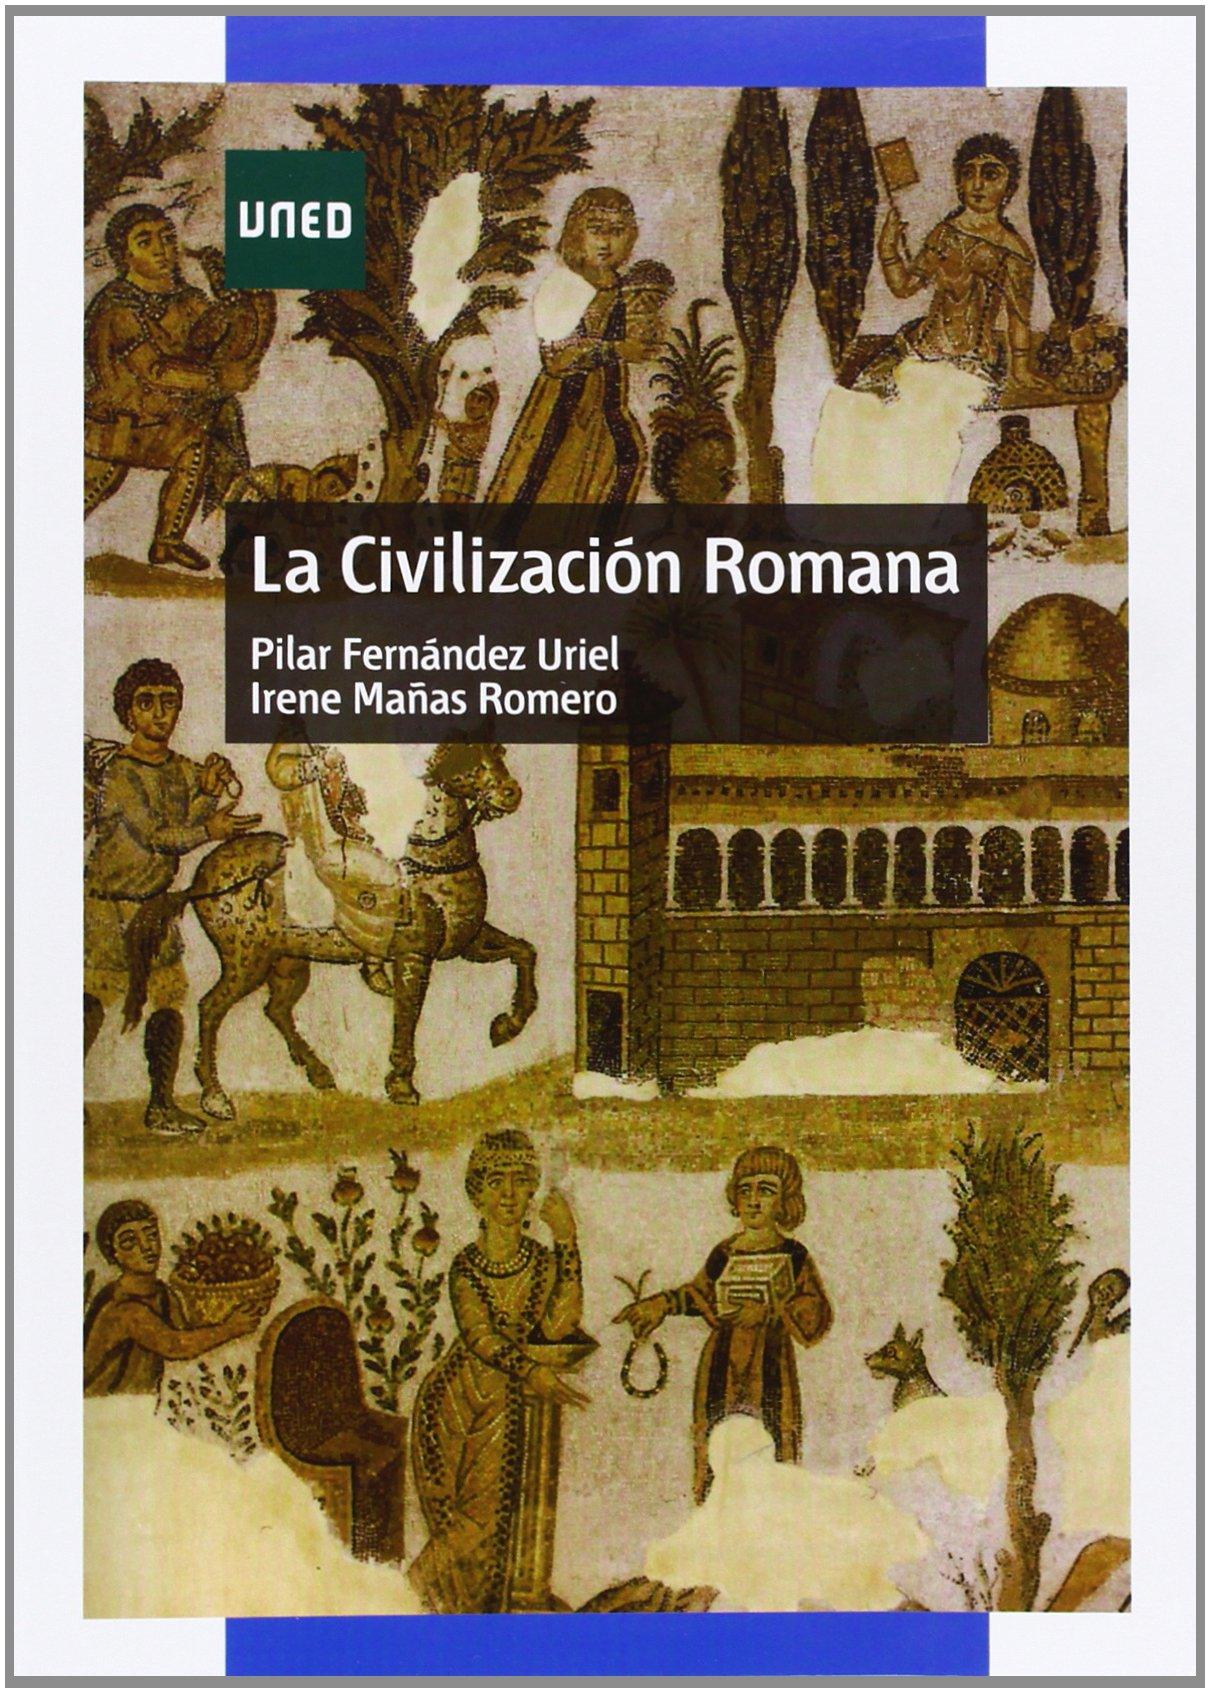 La civilización romana (GRADO): Amazon.es: Fernández Uriel, Pilar, Mañas Romero, Irene: Libros